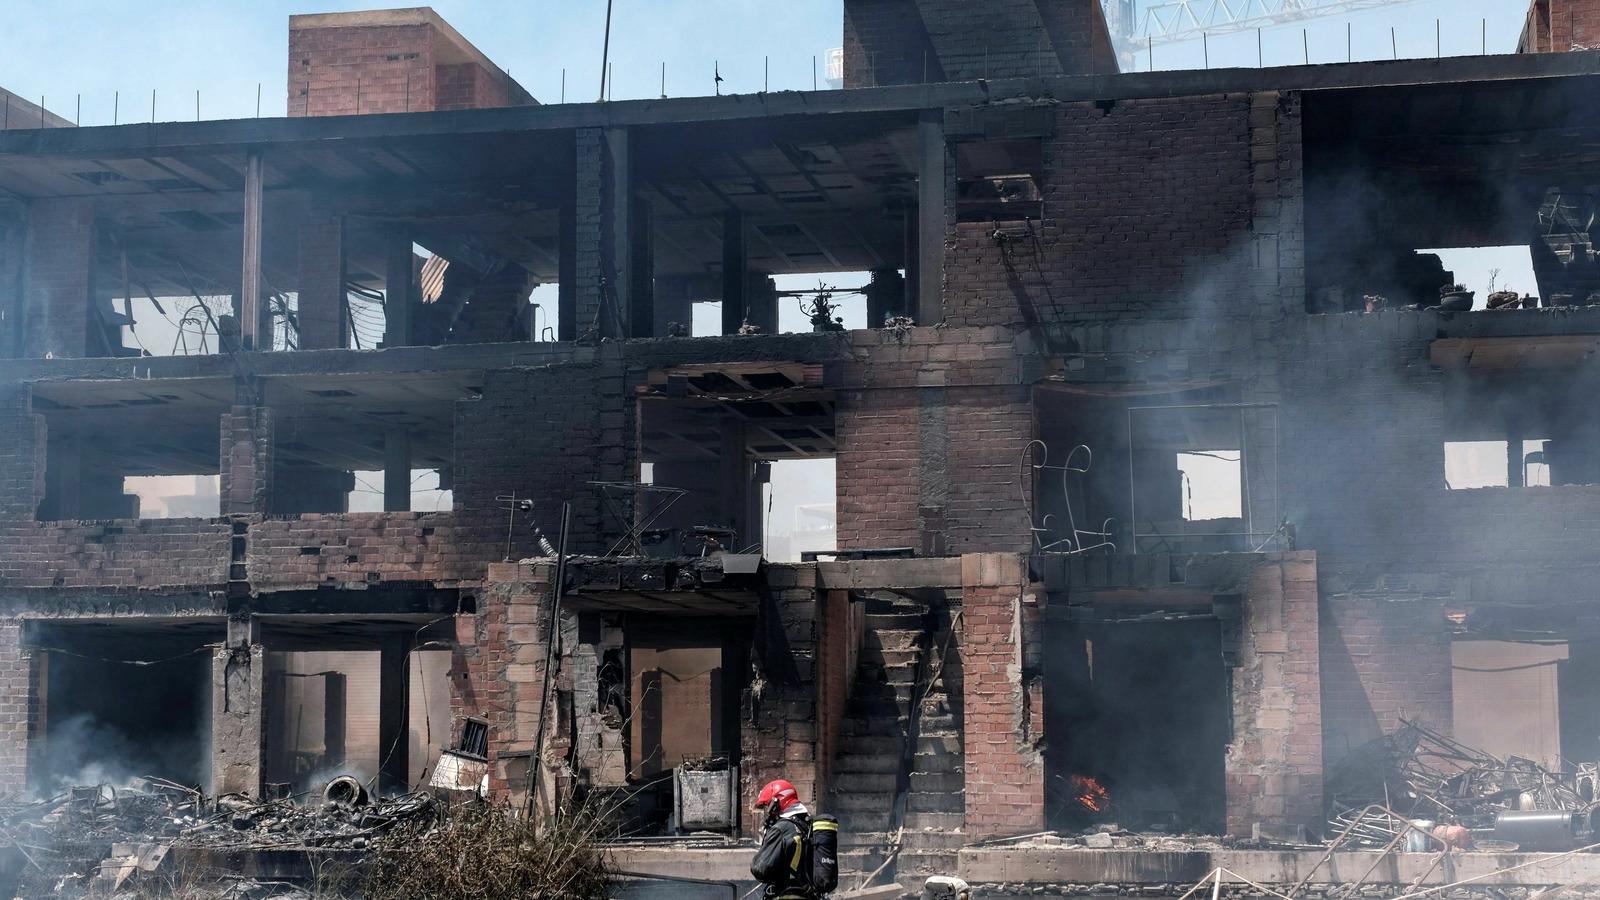 Un mort i deu ferits, tres en estat crític, a l'incendi d'un edifici ocupat a Eivissa